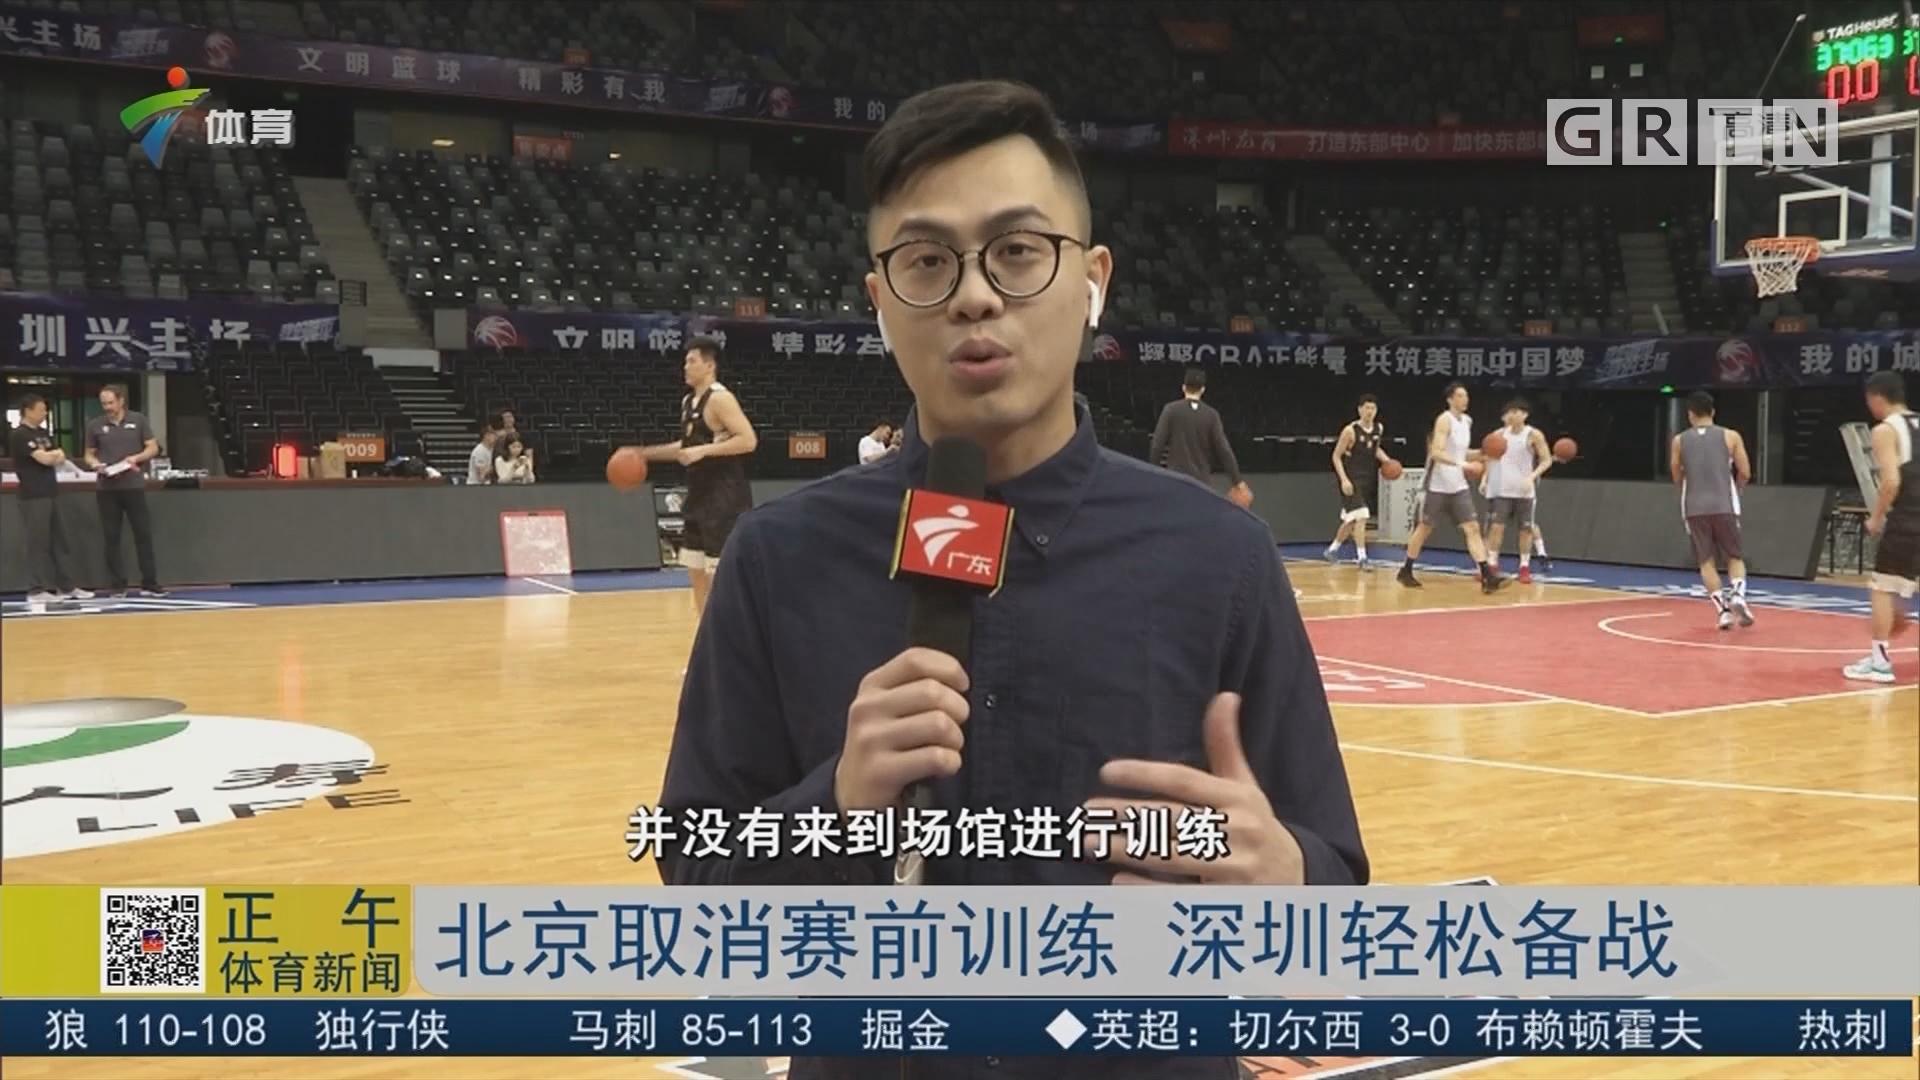 北京取消赛前训练 深圳轻松备战